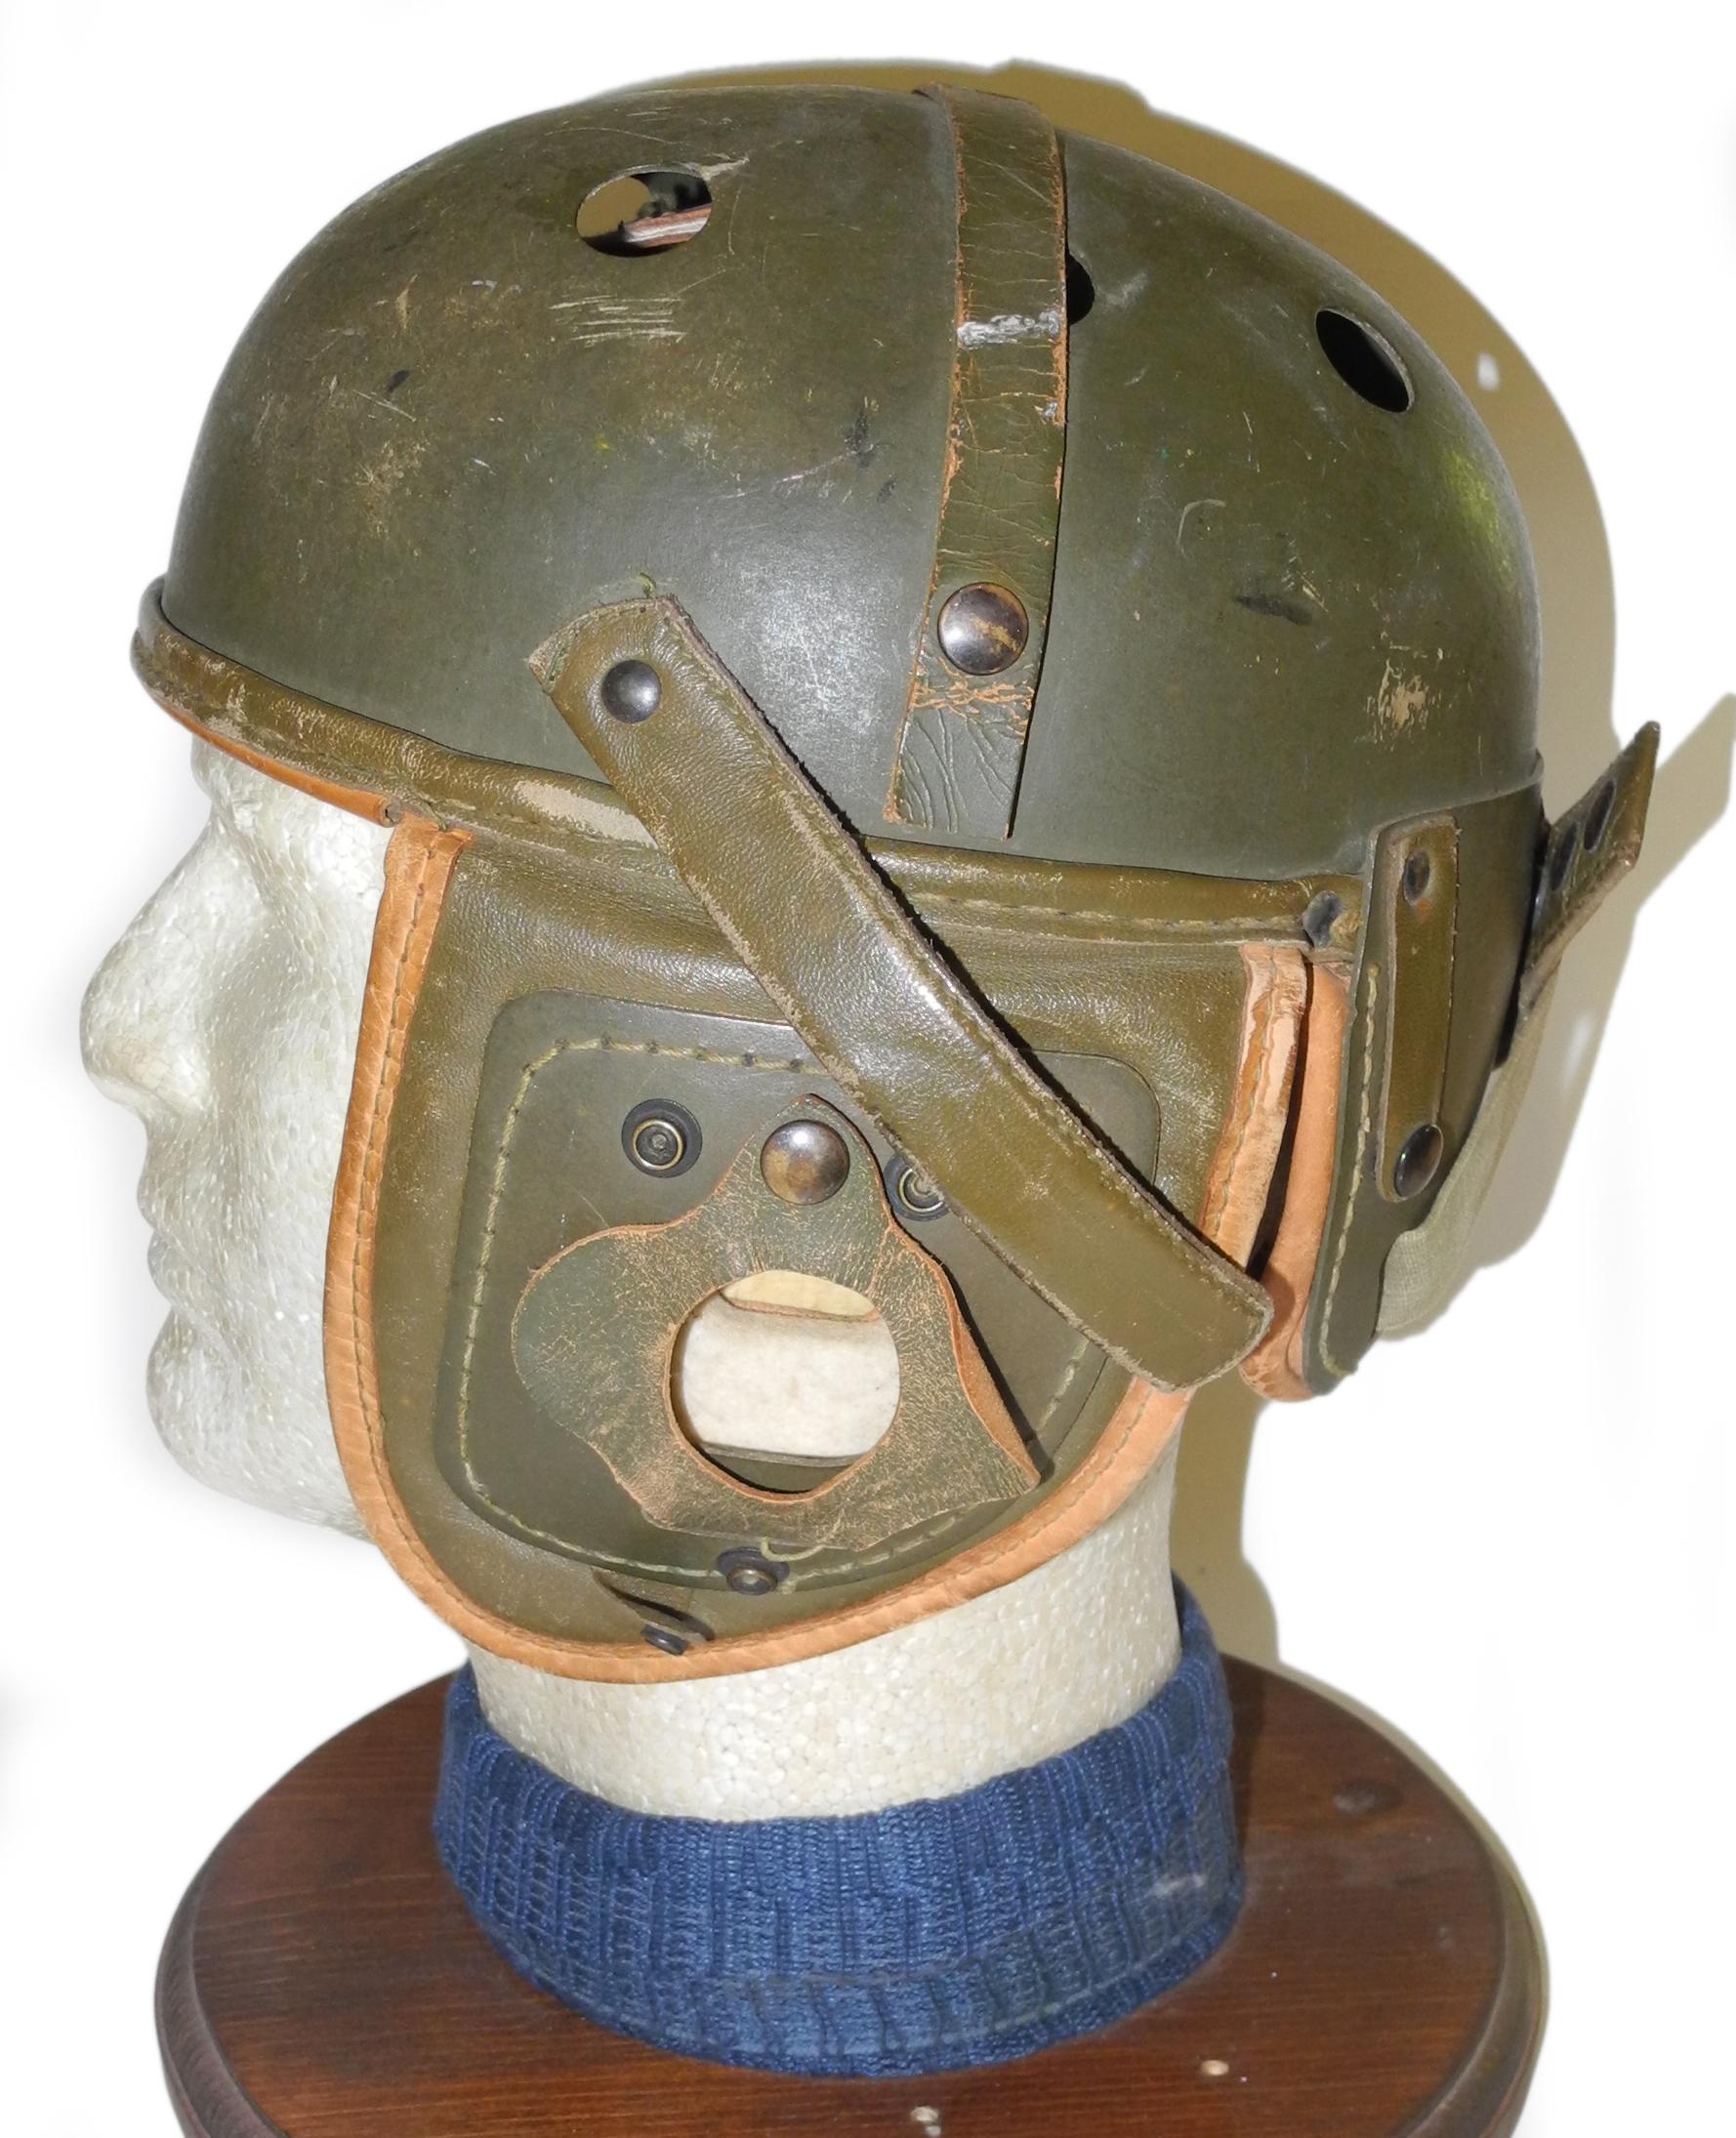 US Army tanker helmet